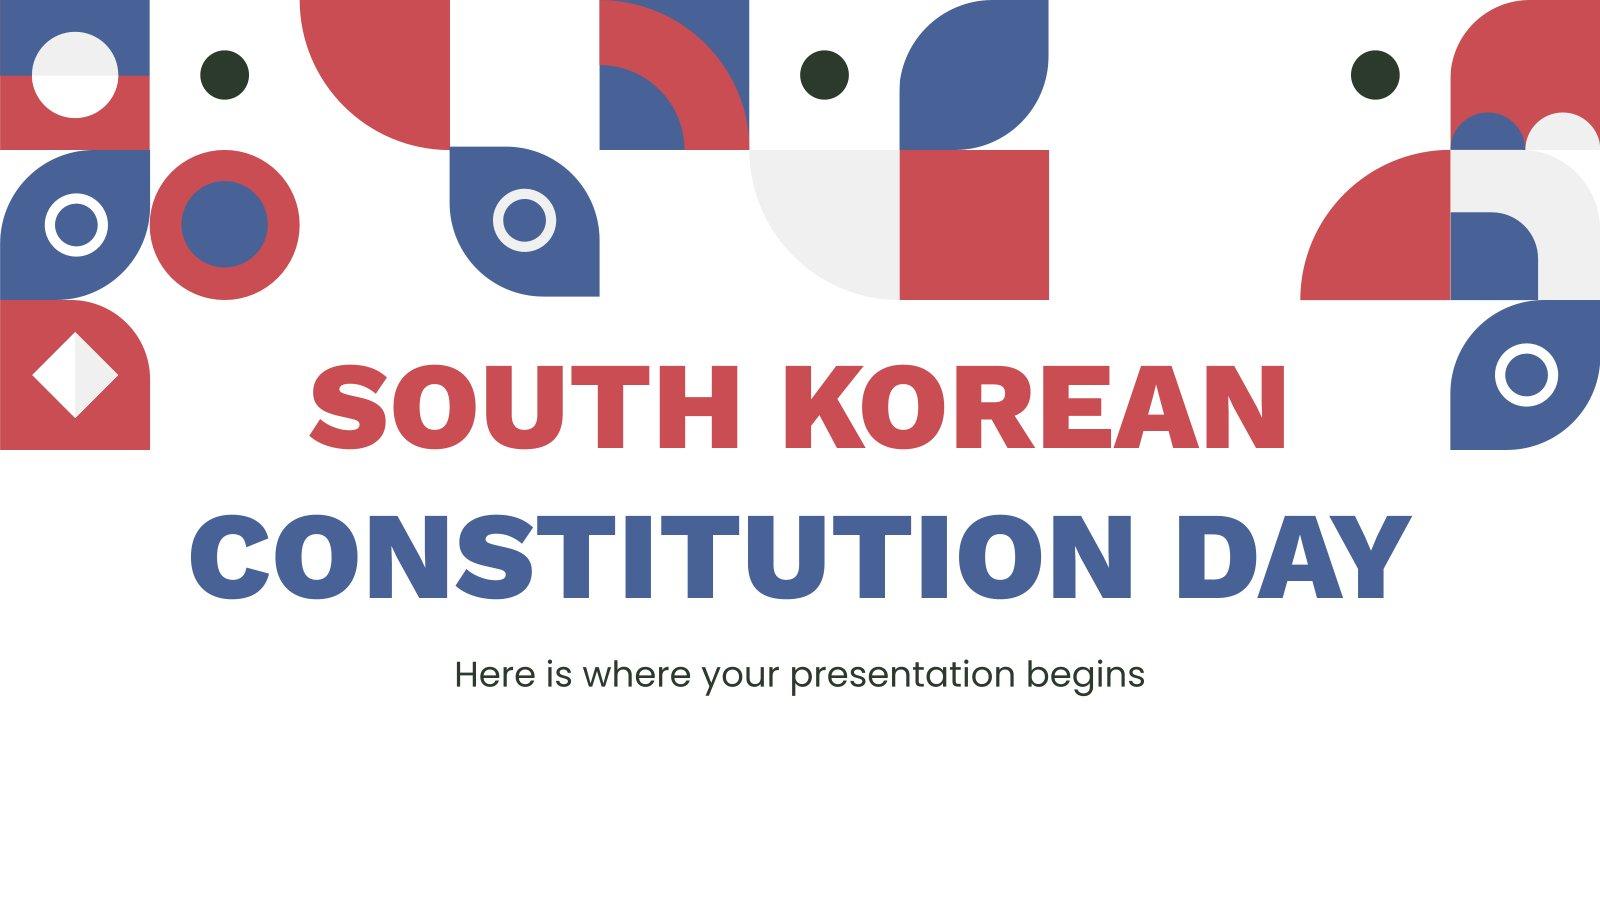 Südkoreanischer Verfassungstag Präsentationsvorlage